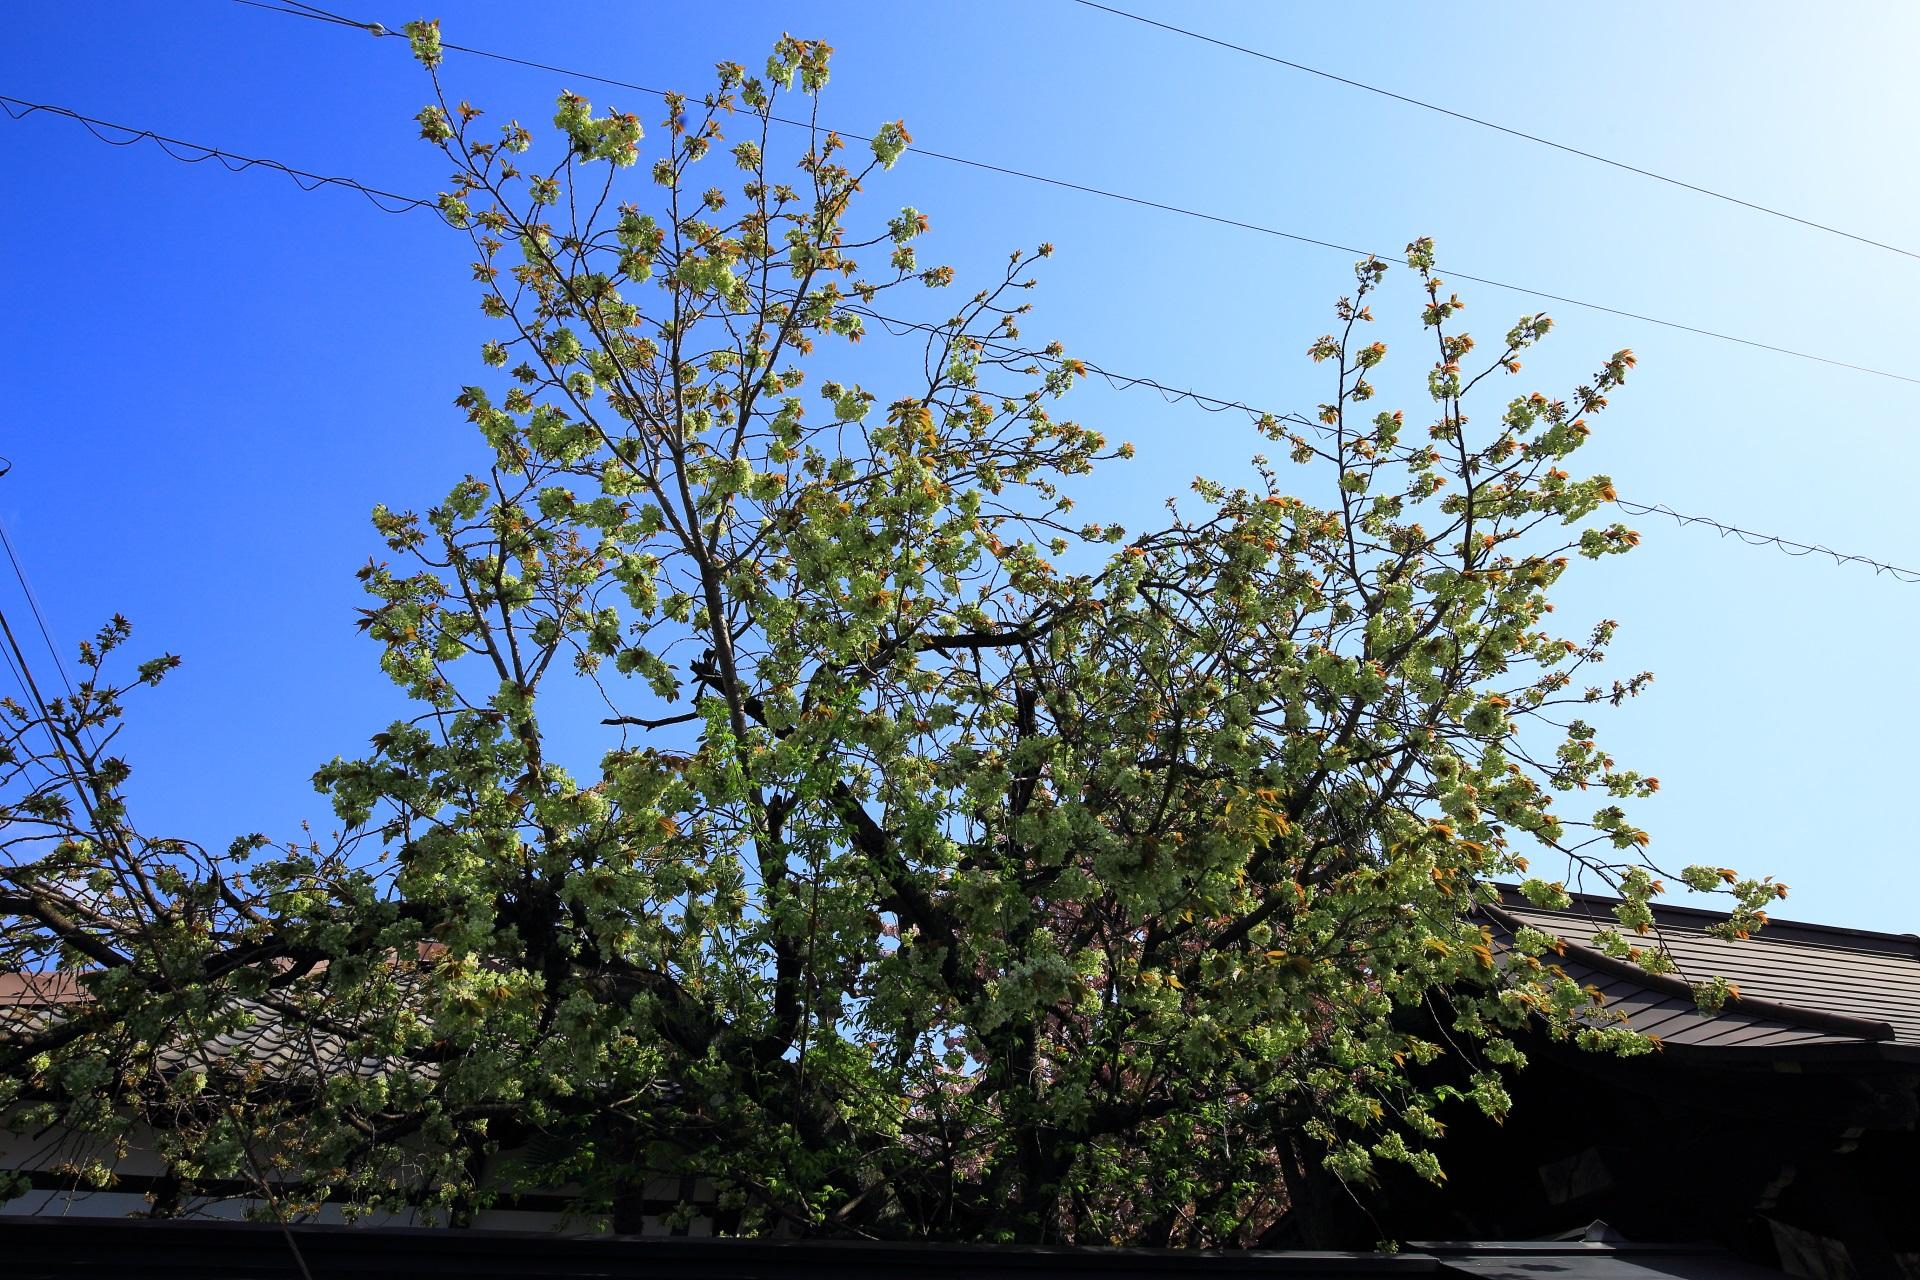 緑の桜の御衣黄桜(ぎょいこうさくら)